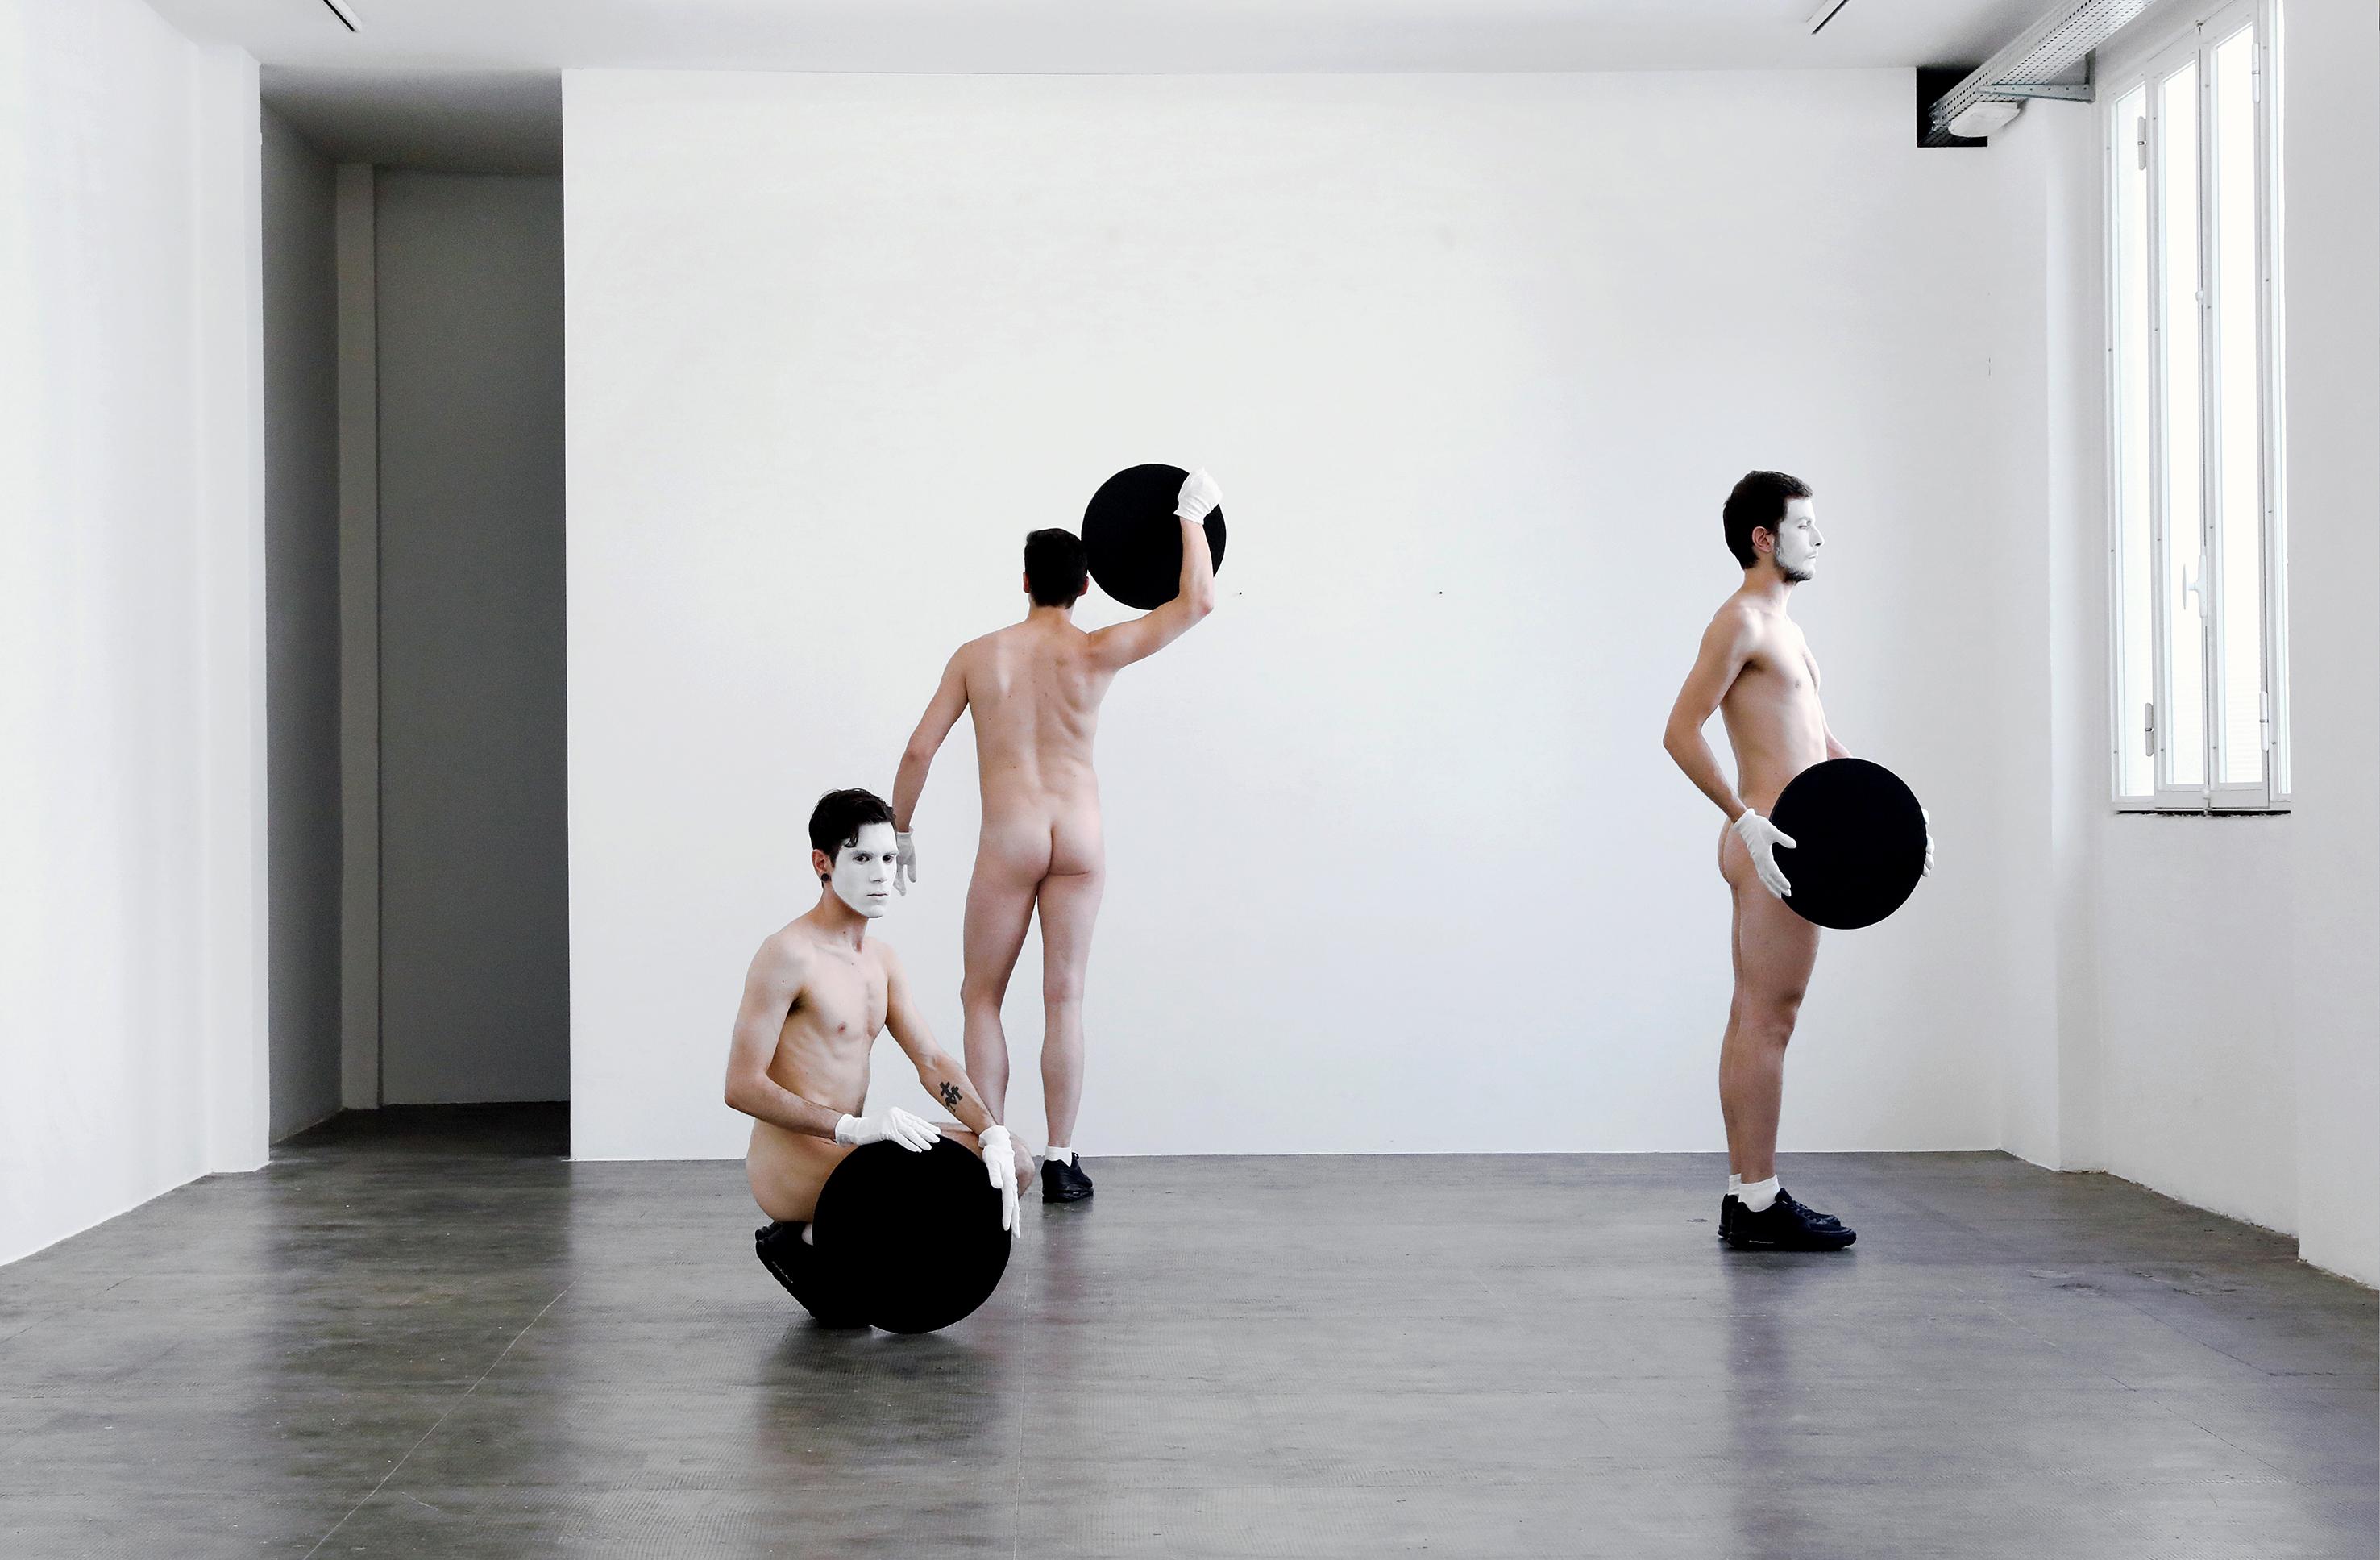 Mon Ami Pierrot Mon Ami, 2017 Performance Performers: Gian Maria Borzillo, Ruggero Griffini, Alessandro Simonini Photo: Sara Scanderebech